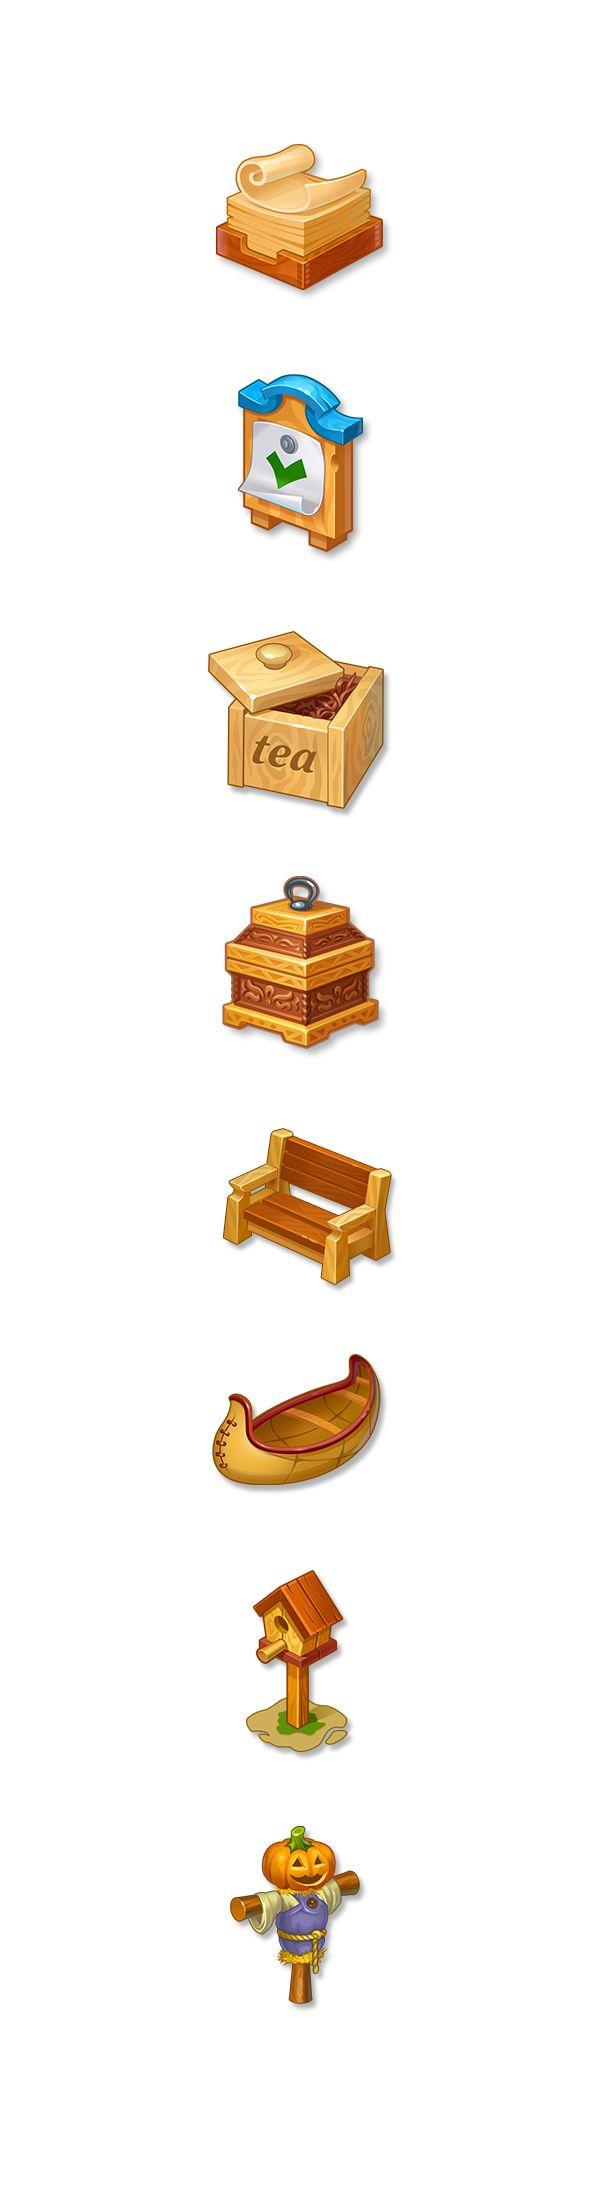 Иконки для игры Дикий запад on Behance